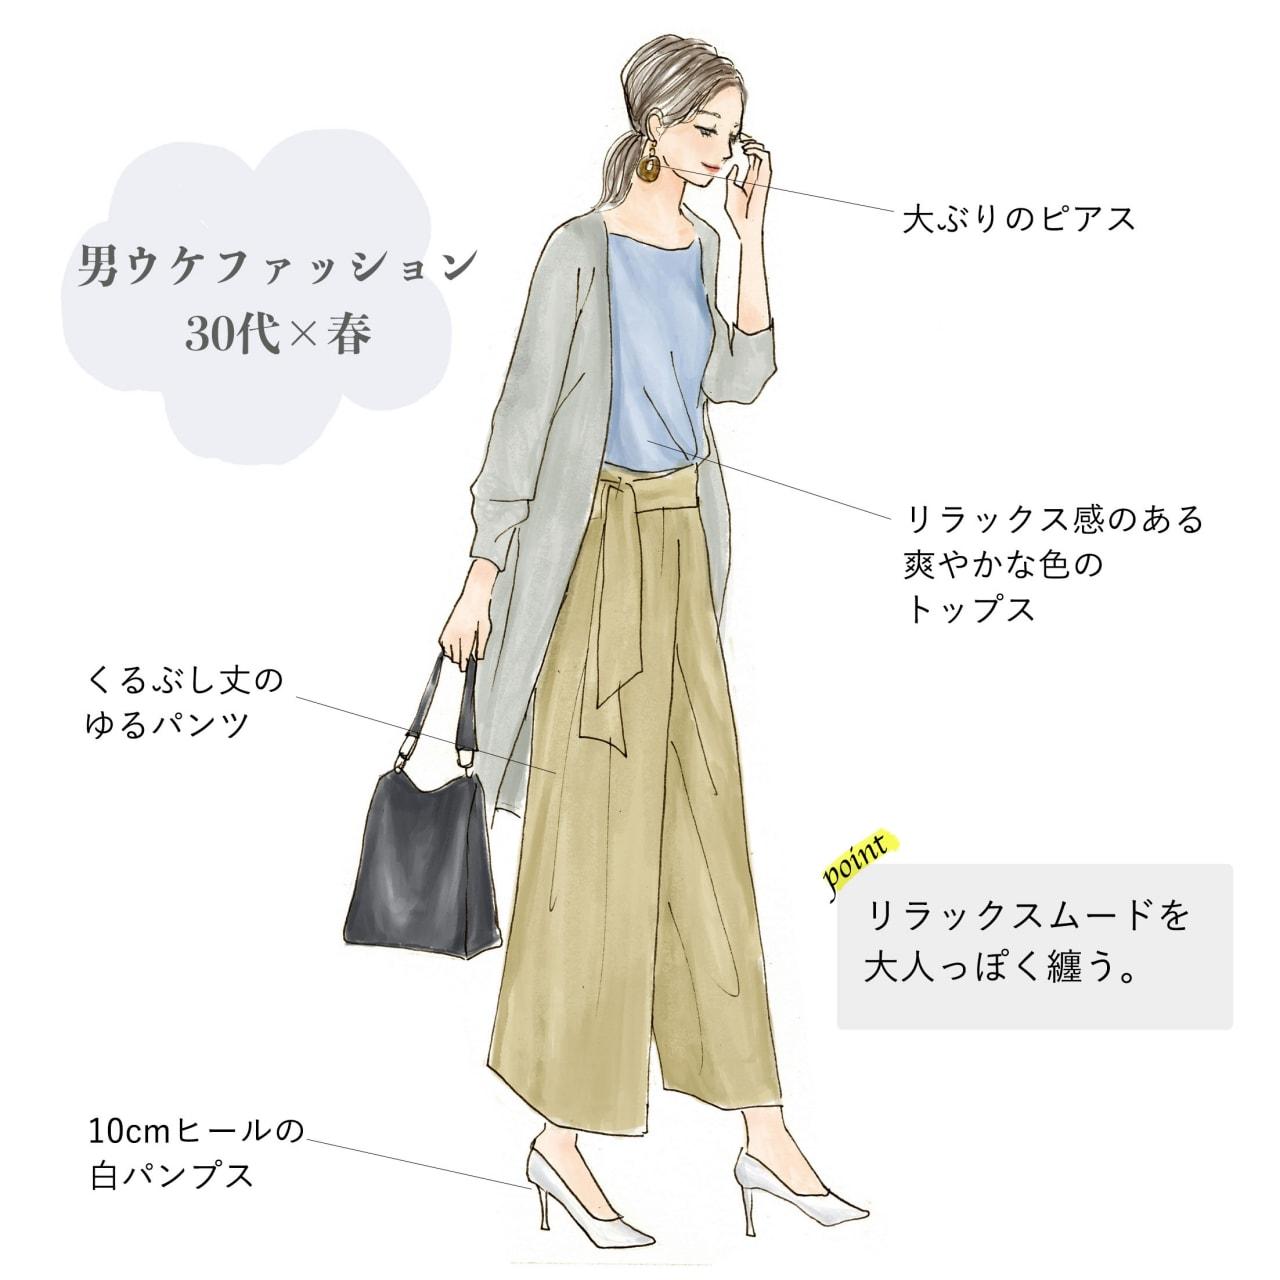 男ウケファッション 30代×春